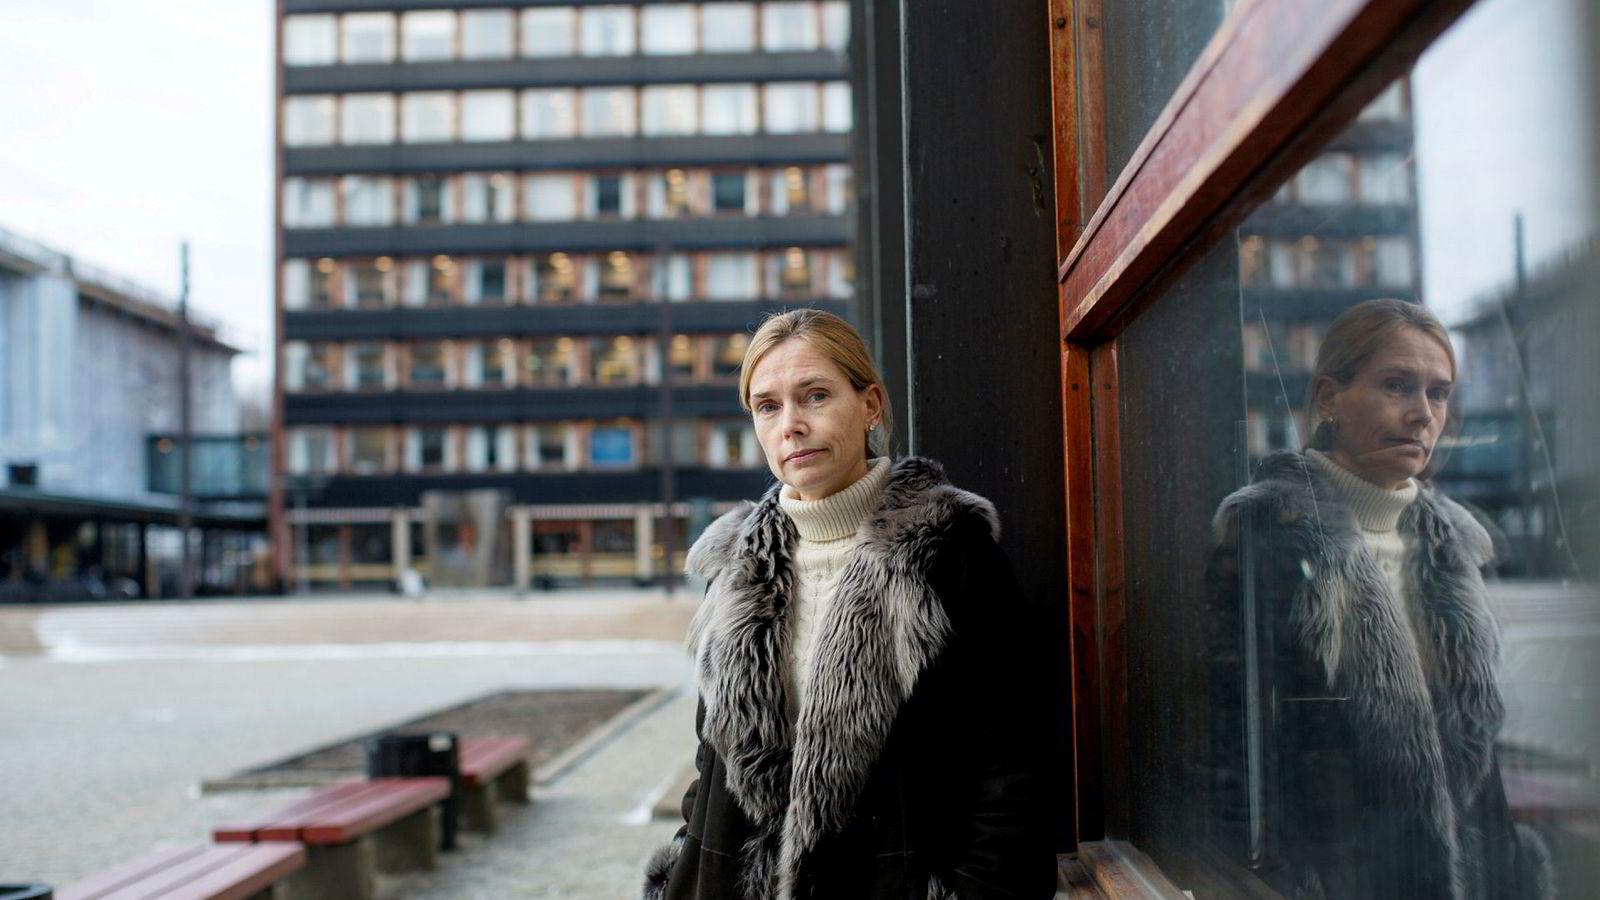 Det vil ikke overraske hvis Havbruksskatteutvalget, ledet av Karen Helene Ulltveit-Moe, foreslår en revidert vannkraftmodell hvor det aller meste av provenyet vil gå rett inn i statskassen i Oslo.